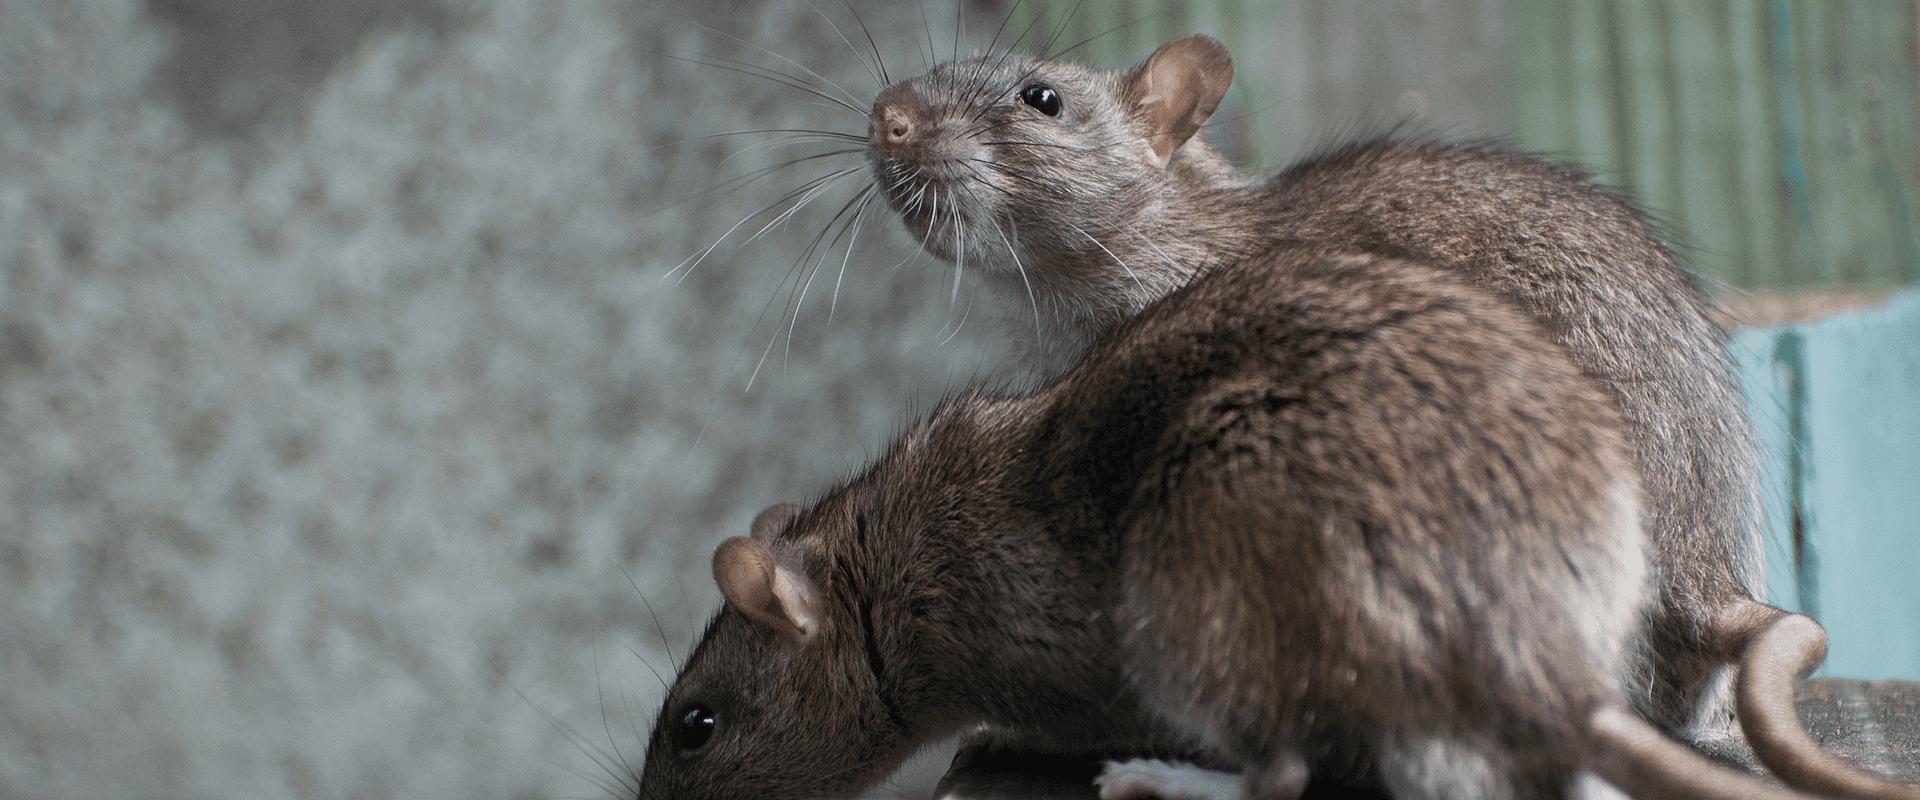 rats outside nc home